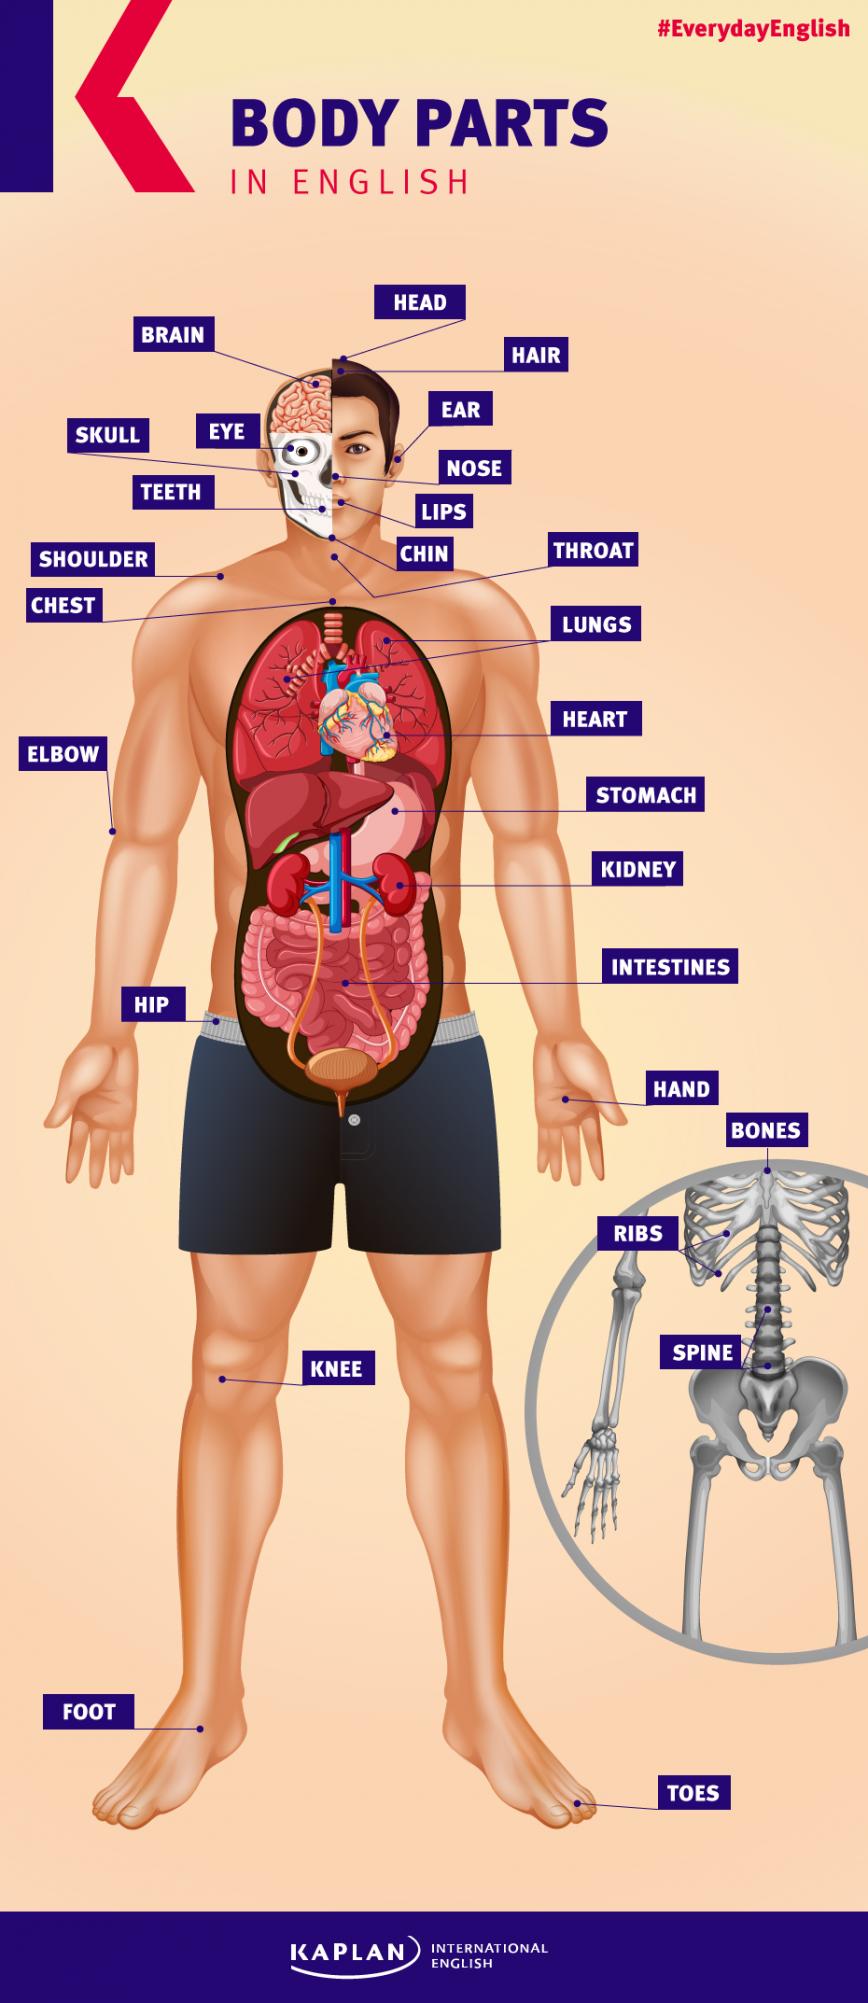 El cuerpo humano en inglés | Kaplan Blog